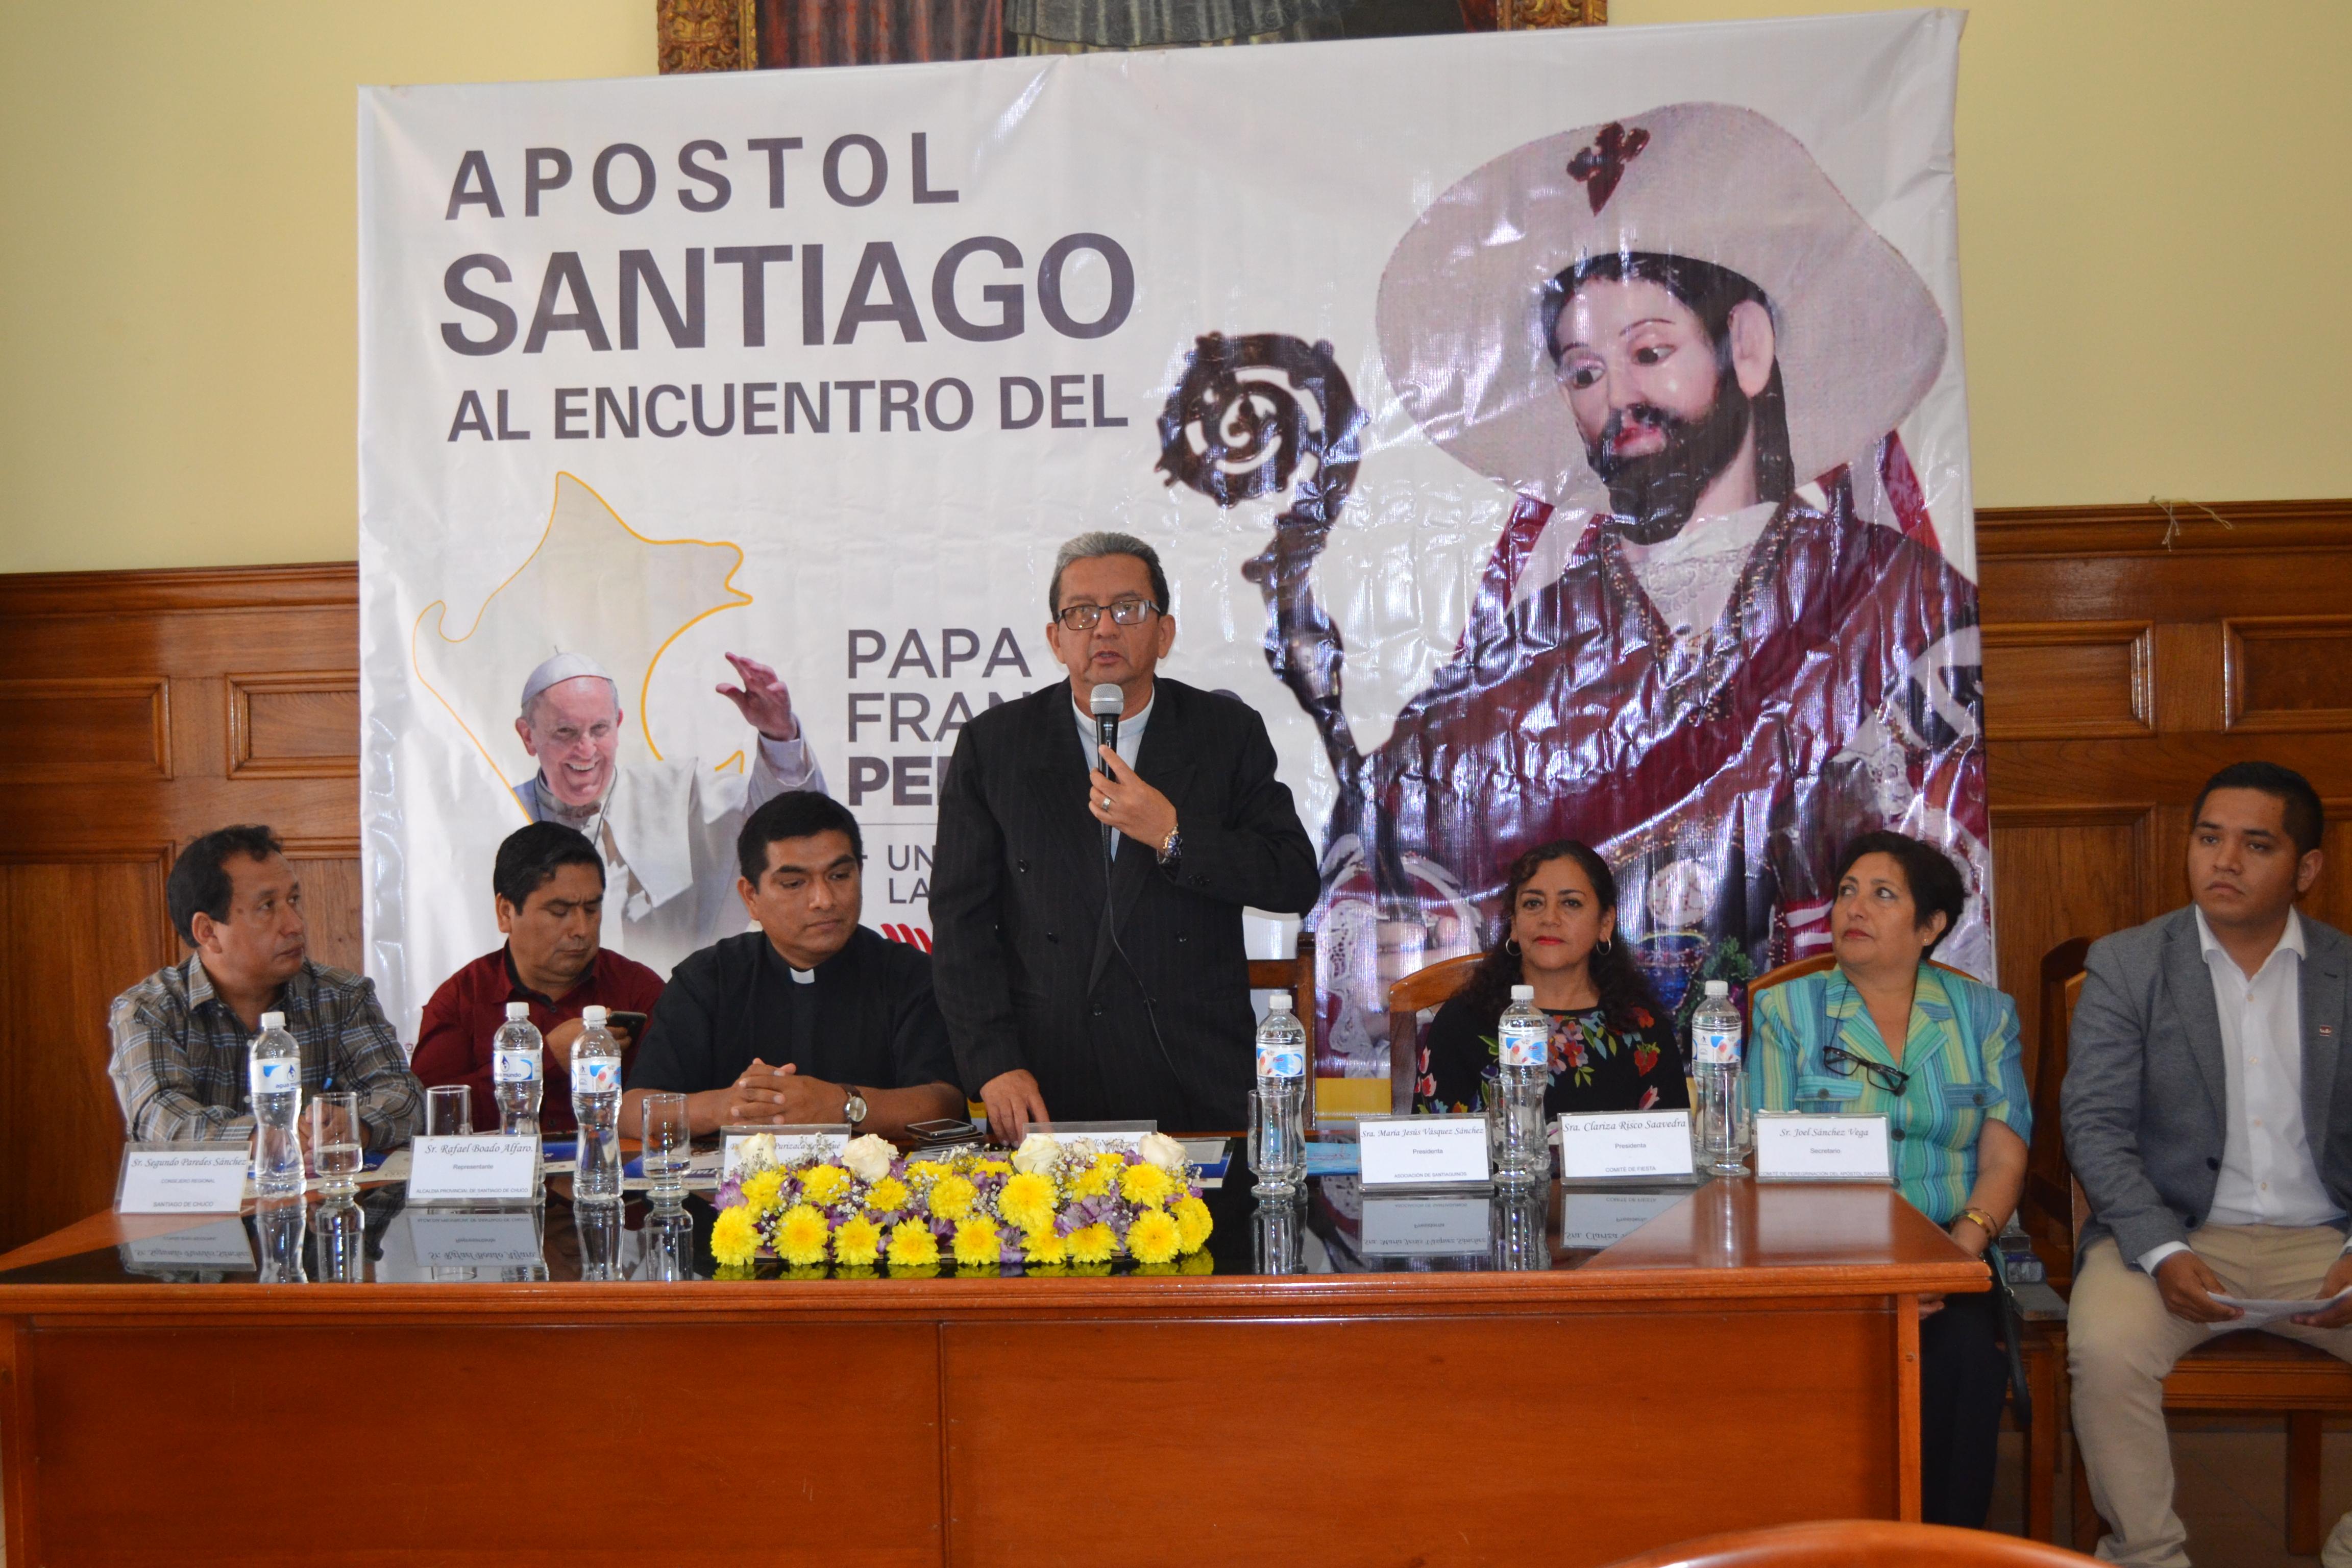 """Fecha de llegada a Trujillo del Apóstol Santiago """"El Mayor"""" para encuentro Papal"""